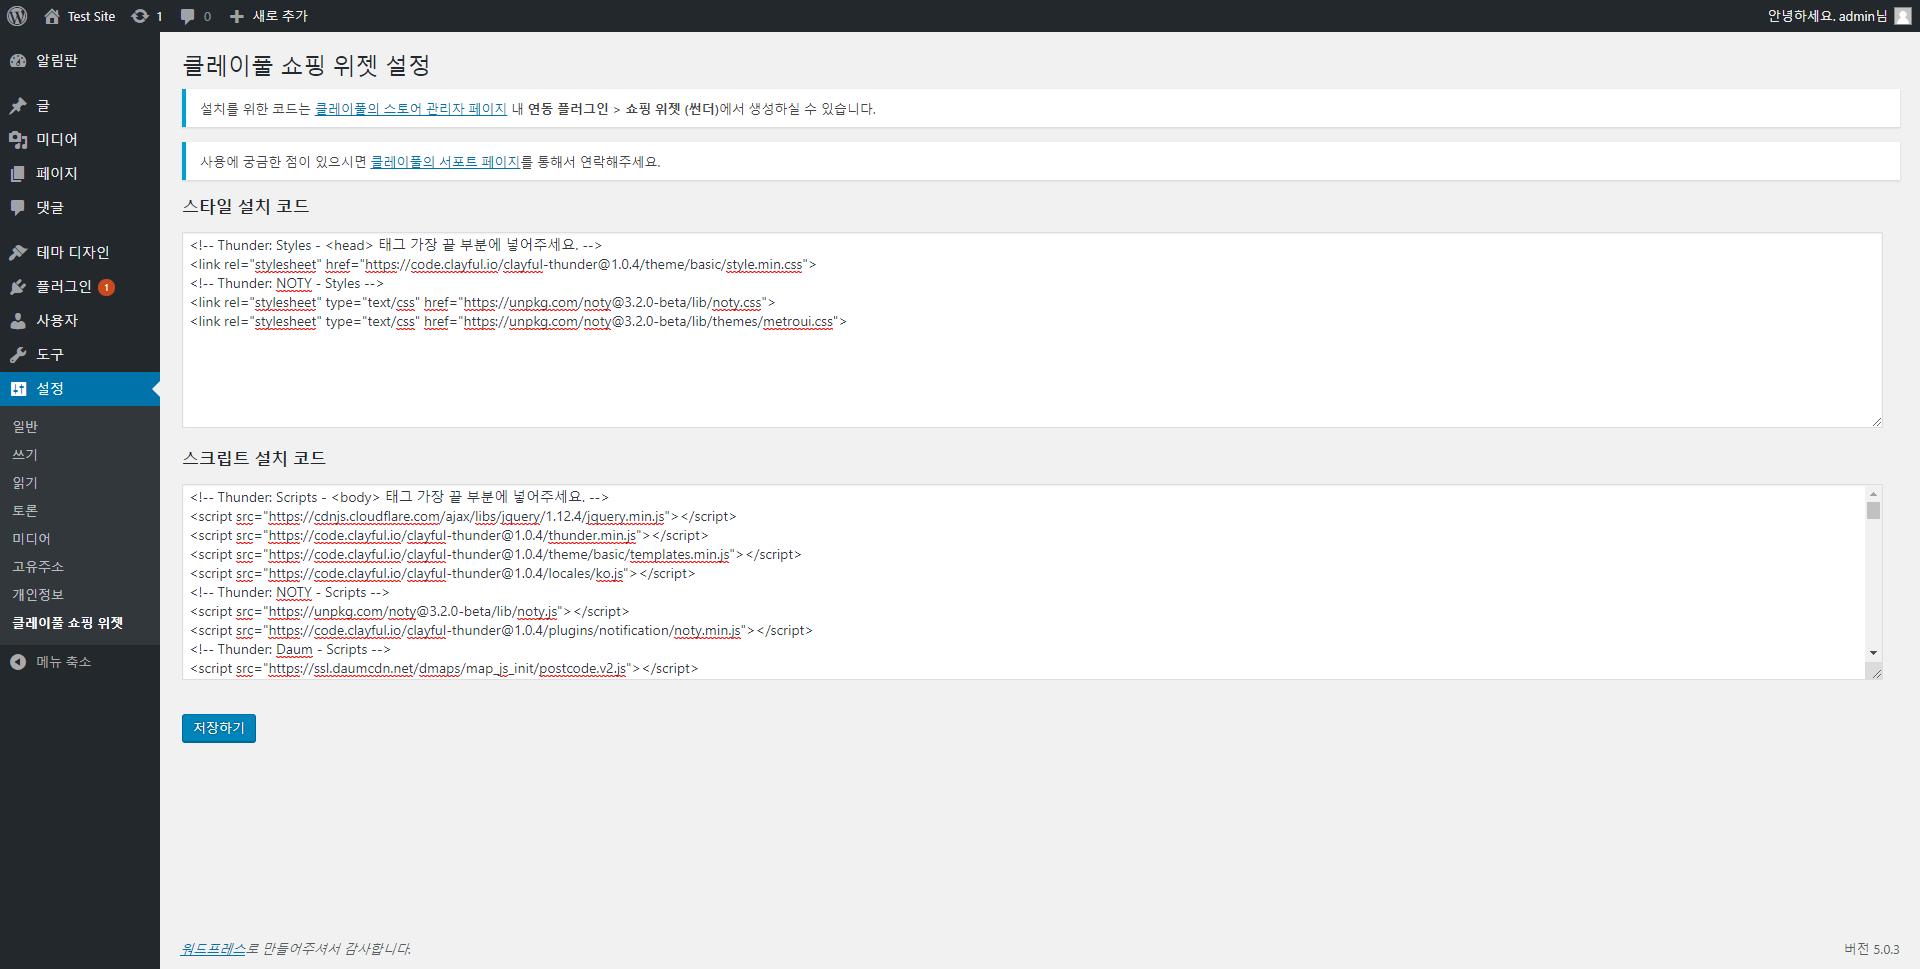 생성된 설치 코드를 워드프레스의 플러그인 설정 페이지에서 설치할 수 있습니다.